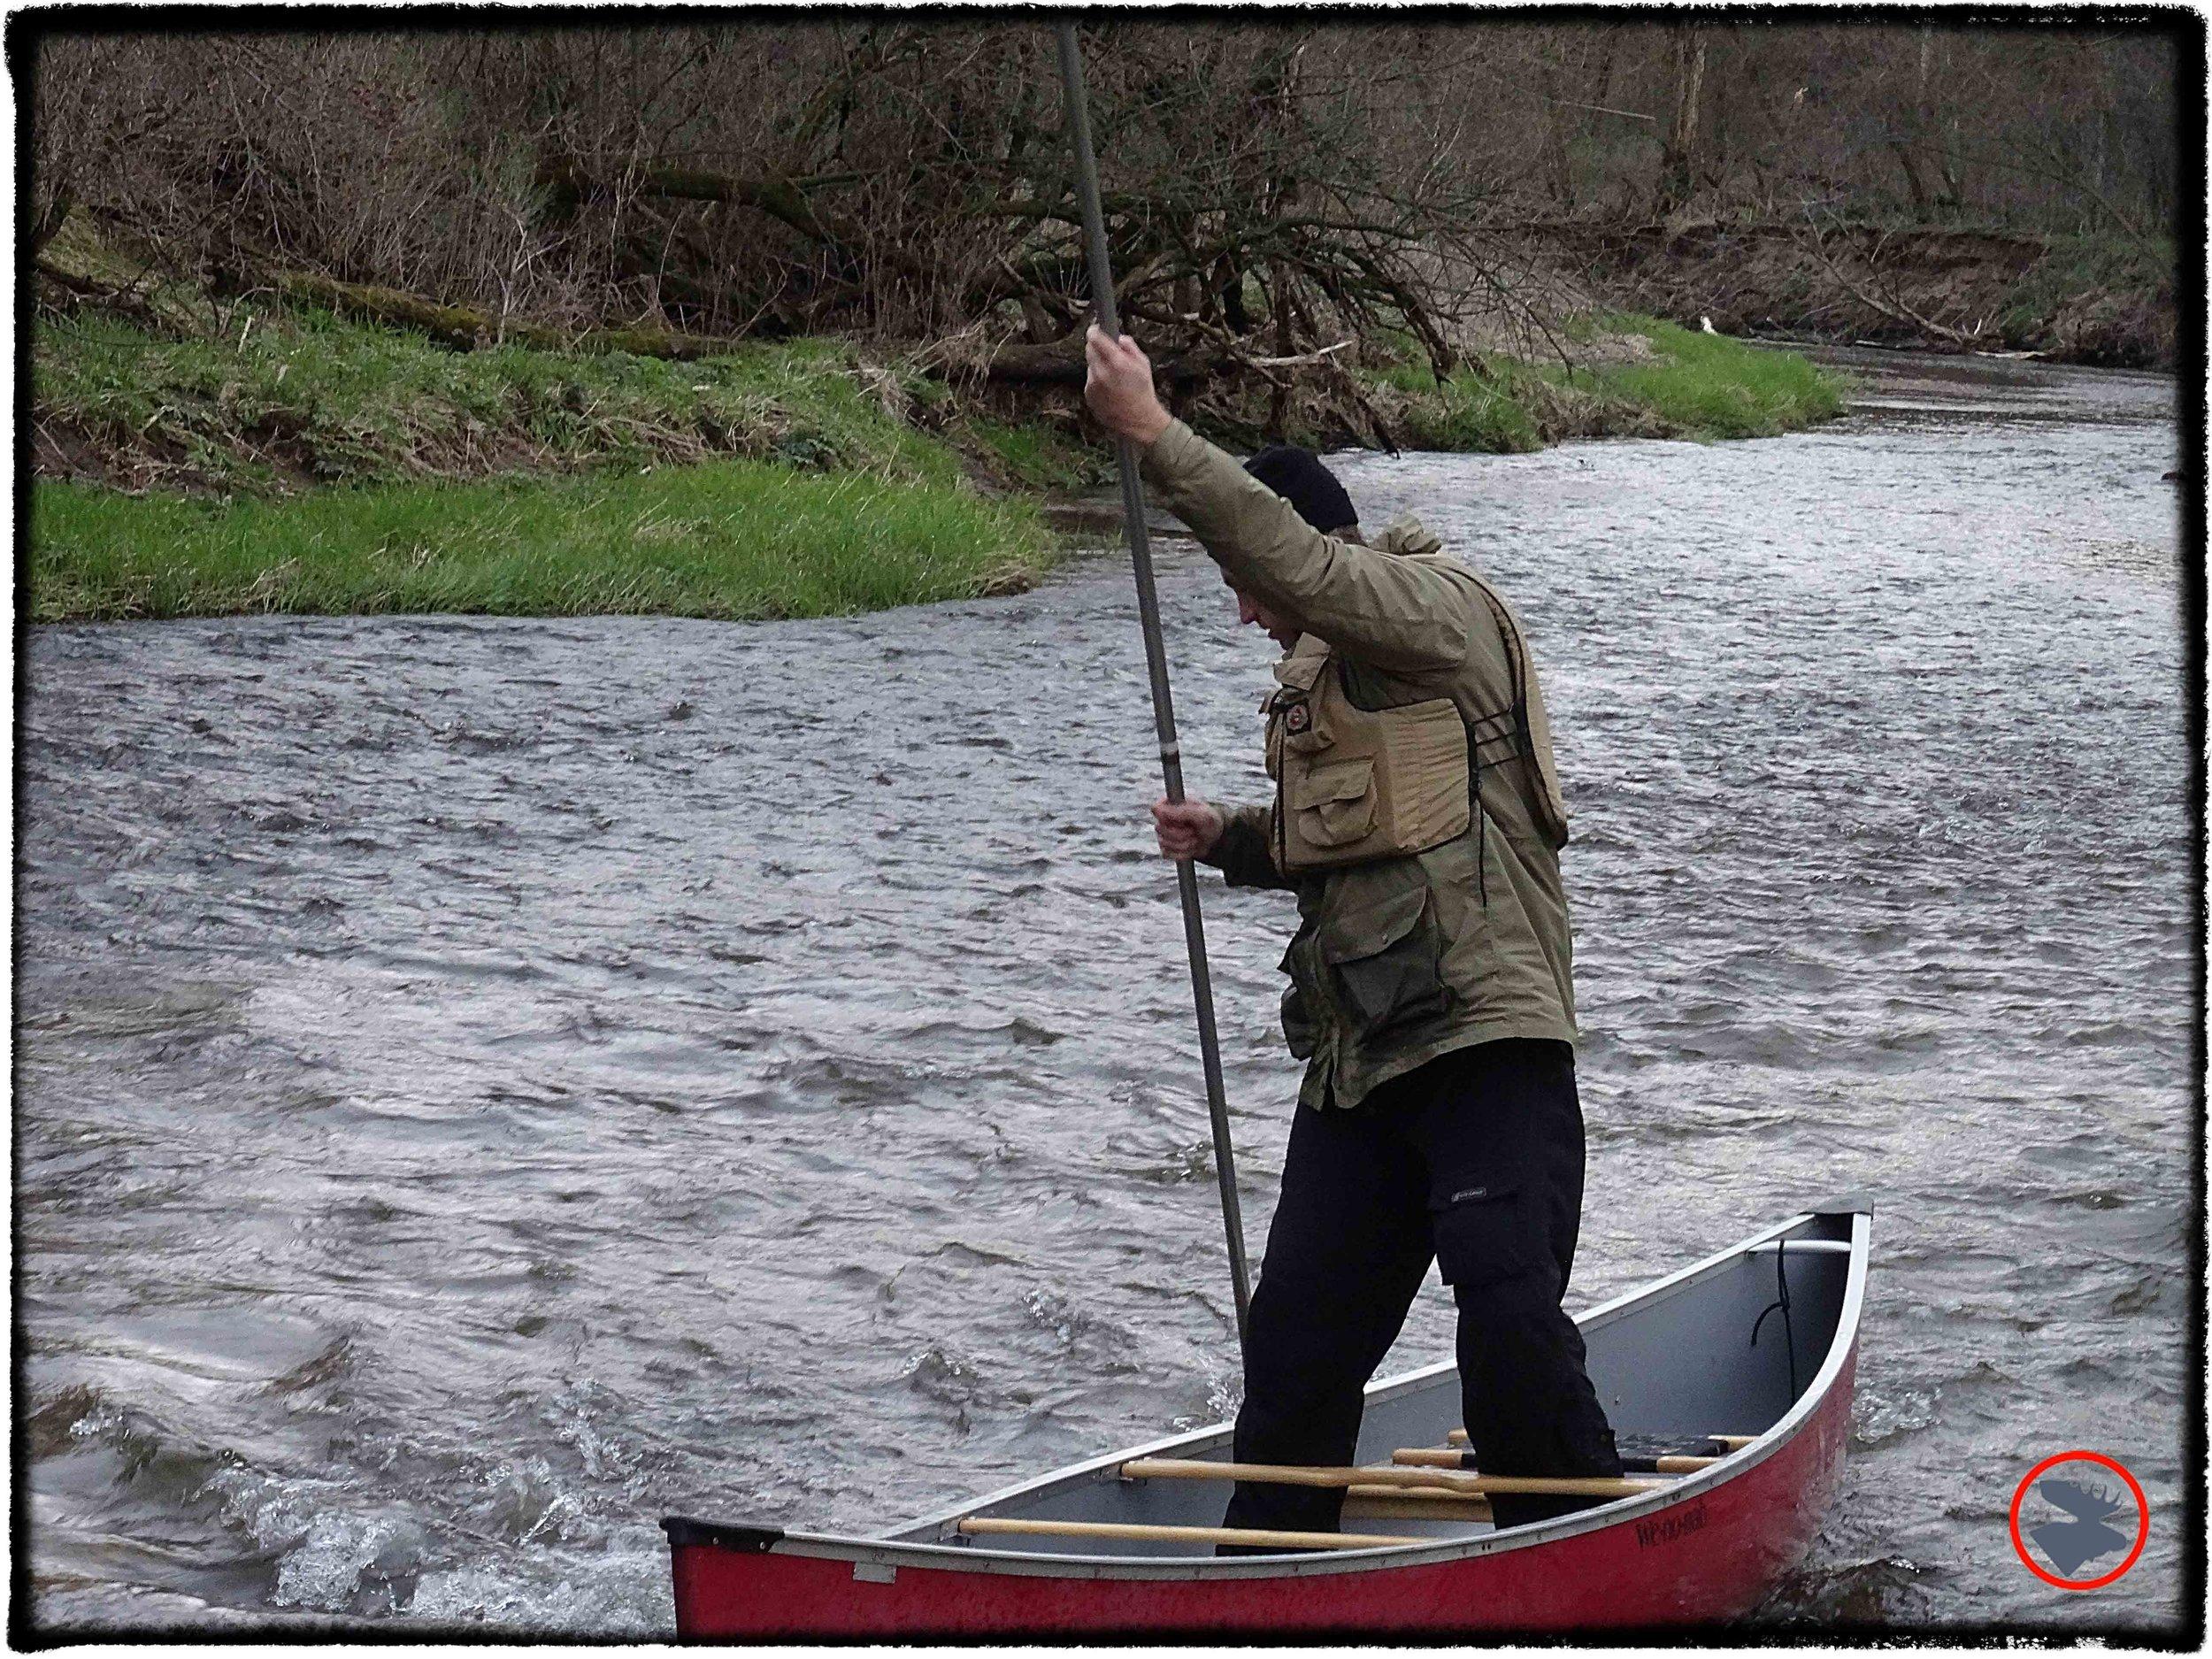 BMP-Post_Kinnickinnic-River_Scott-Canoe-Poling4_May-2014.jpg